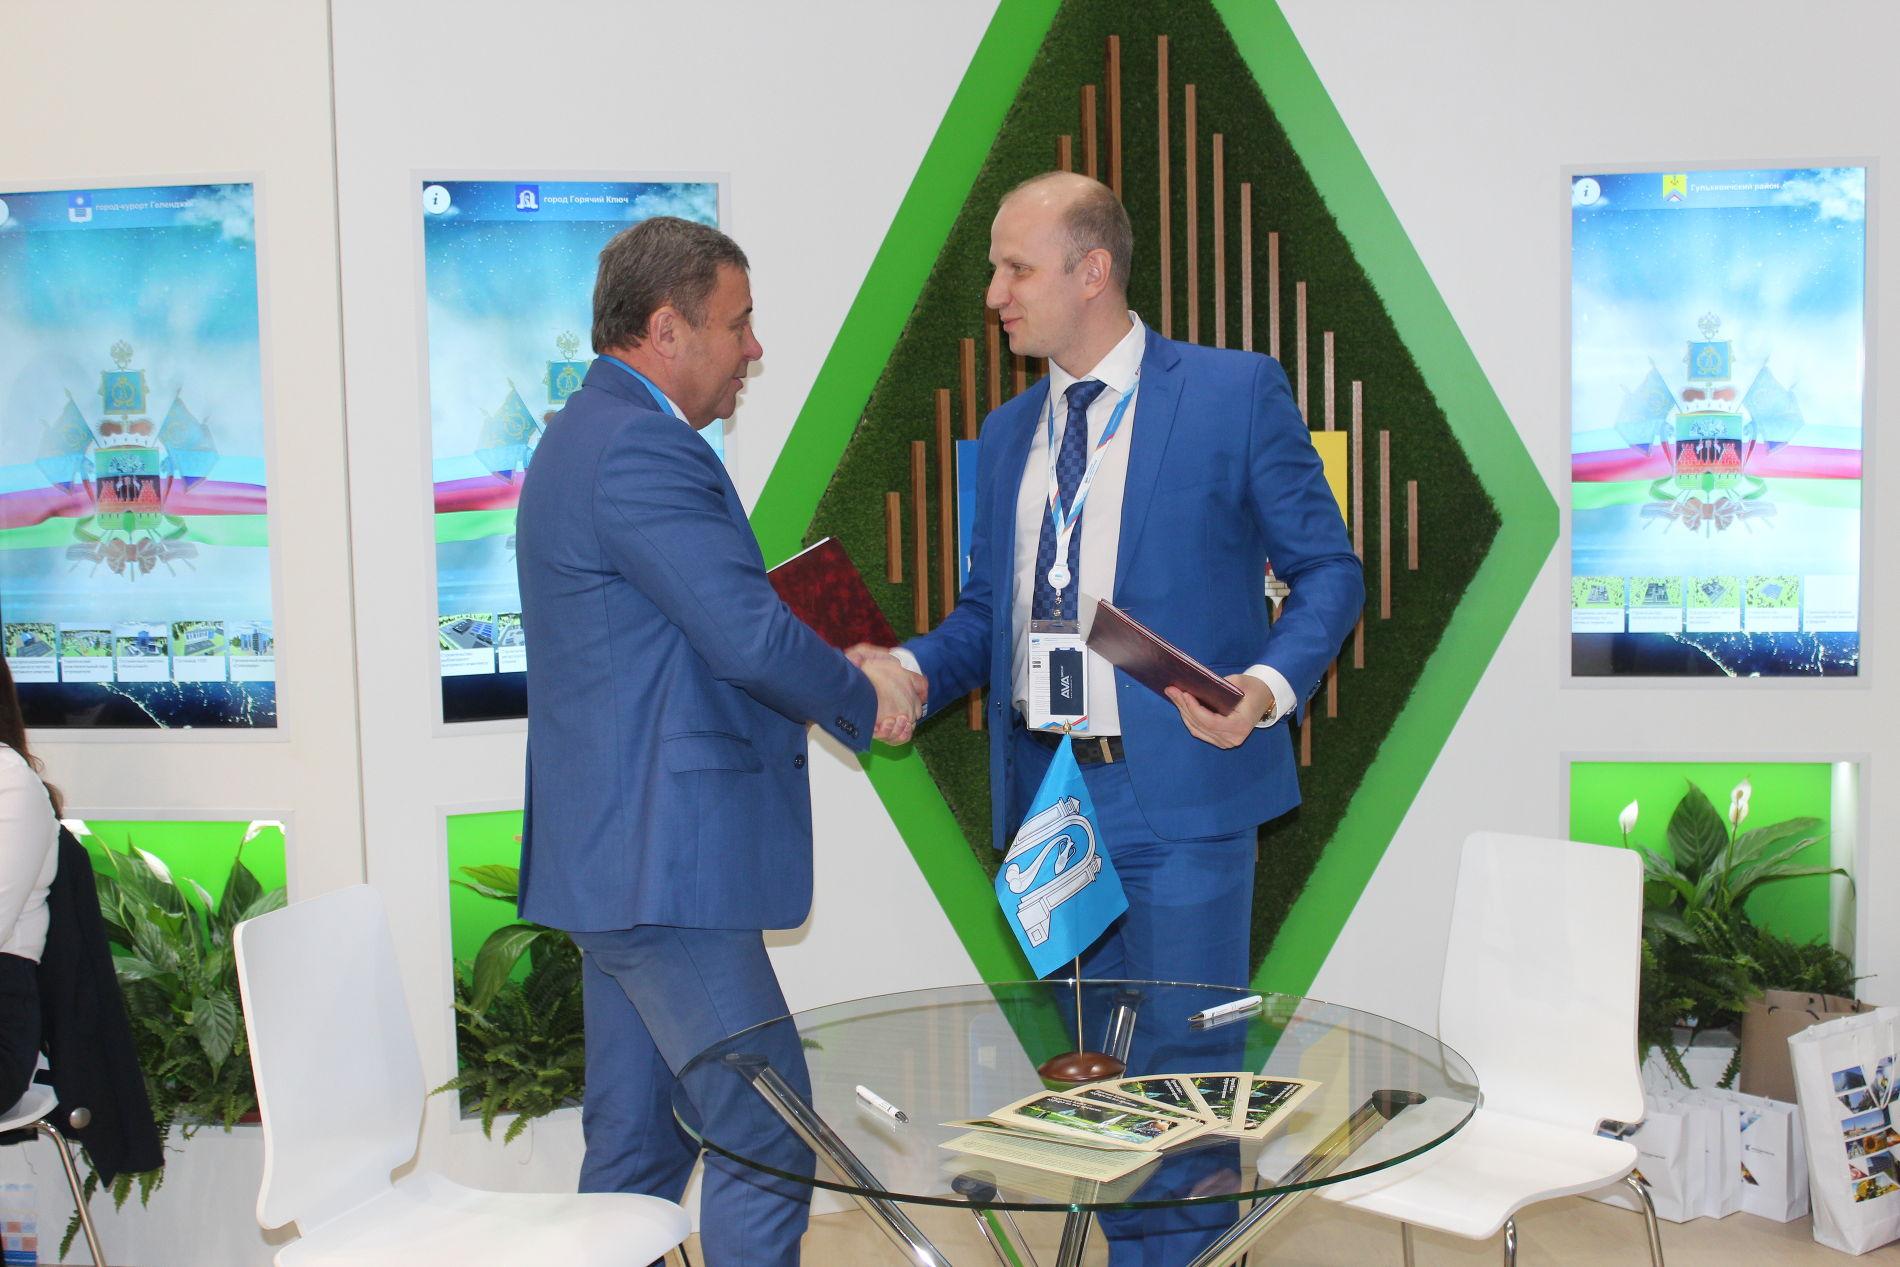 AVA Group построит вКраснодаре новый жилой микрорайон иторгово-развлекательный центр